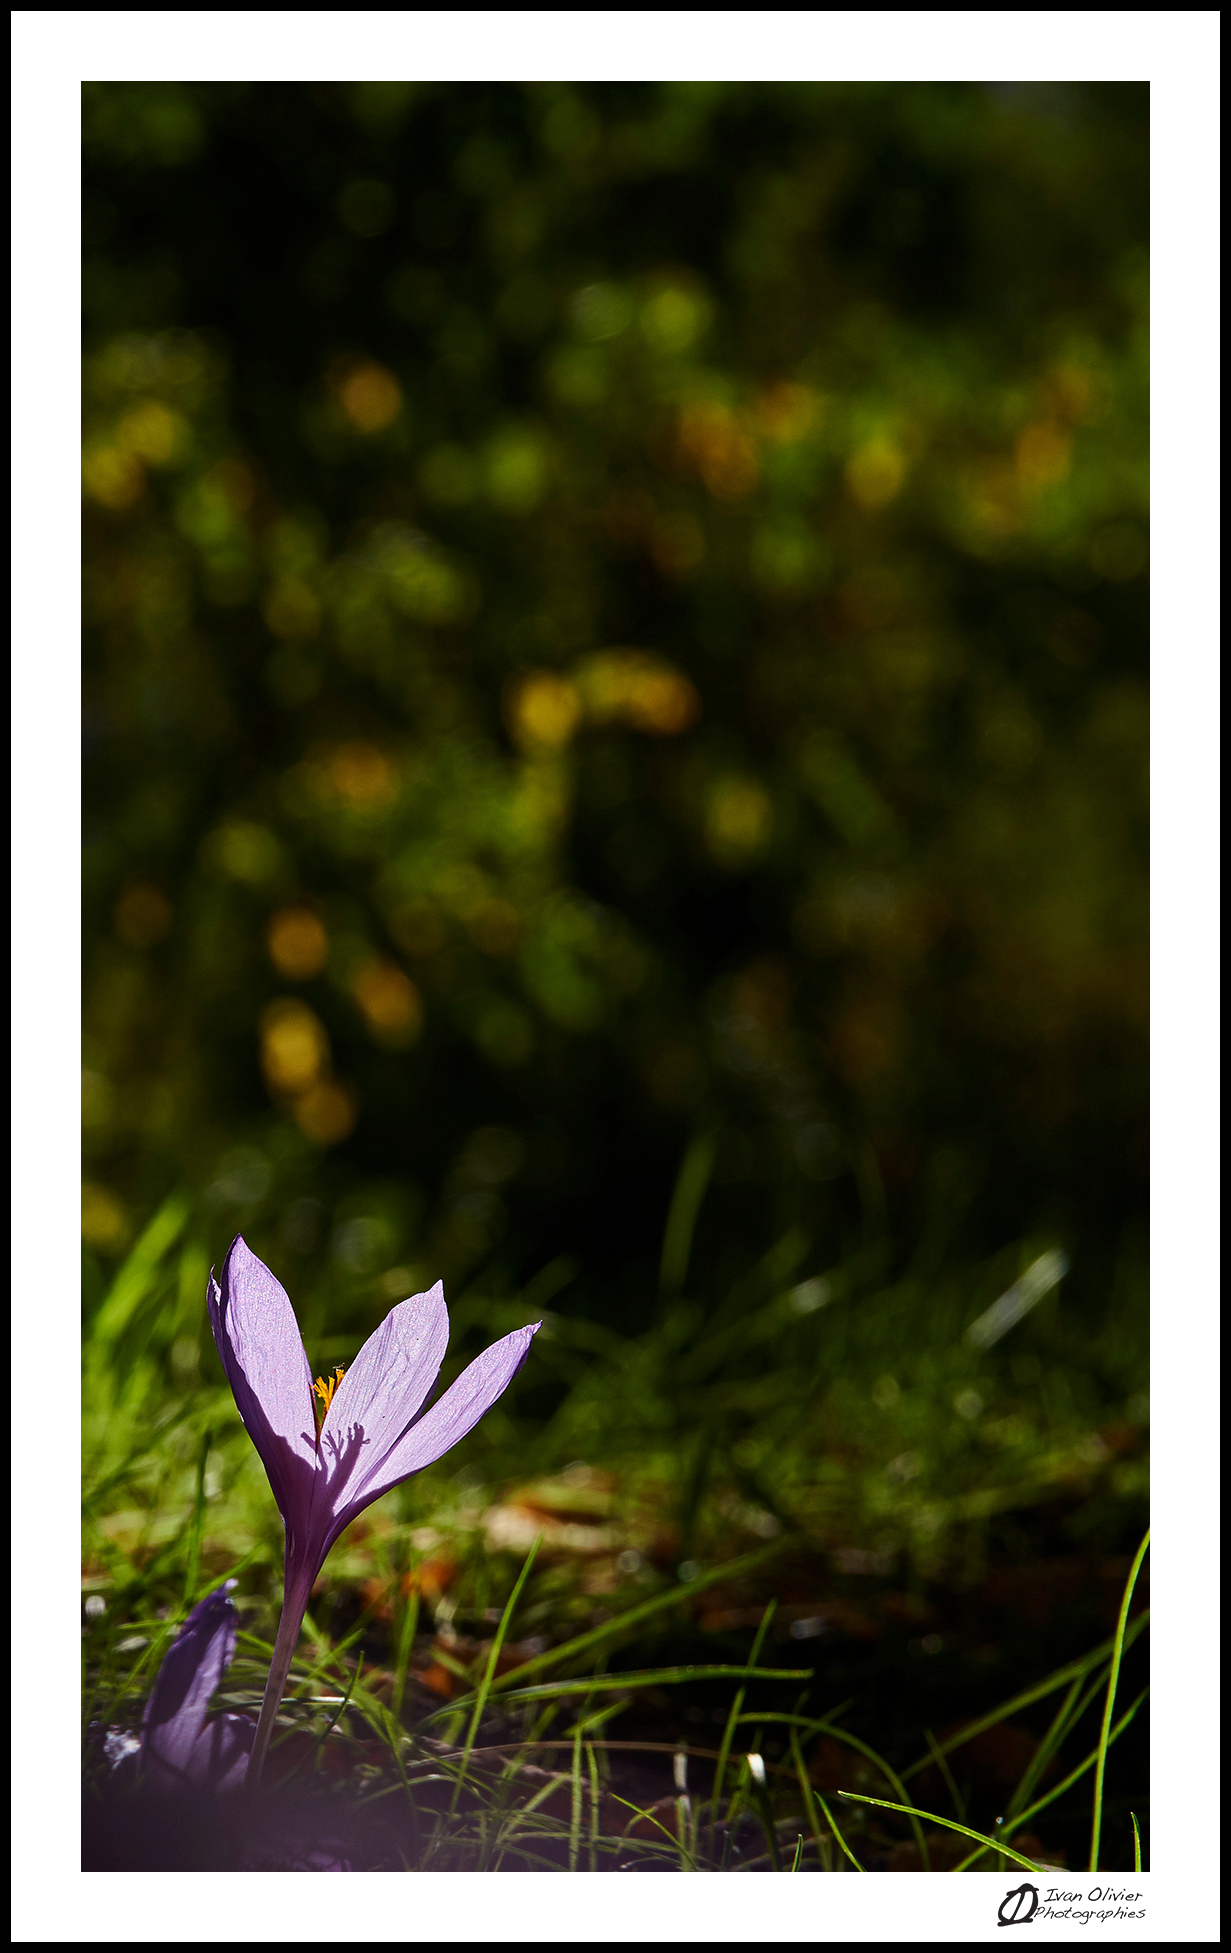 GC-cueillette au pied des voies-colchique d'automne-ivan olivier photographies (5)